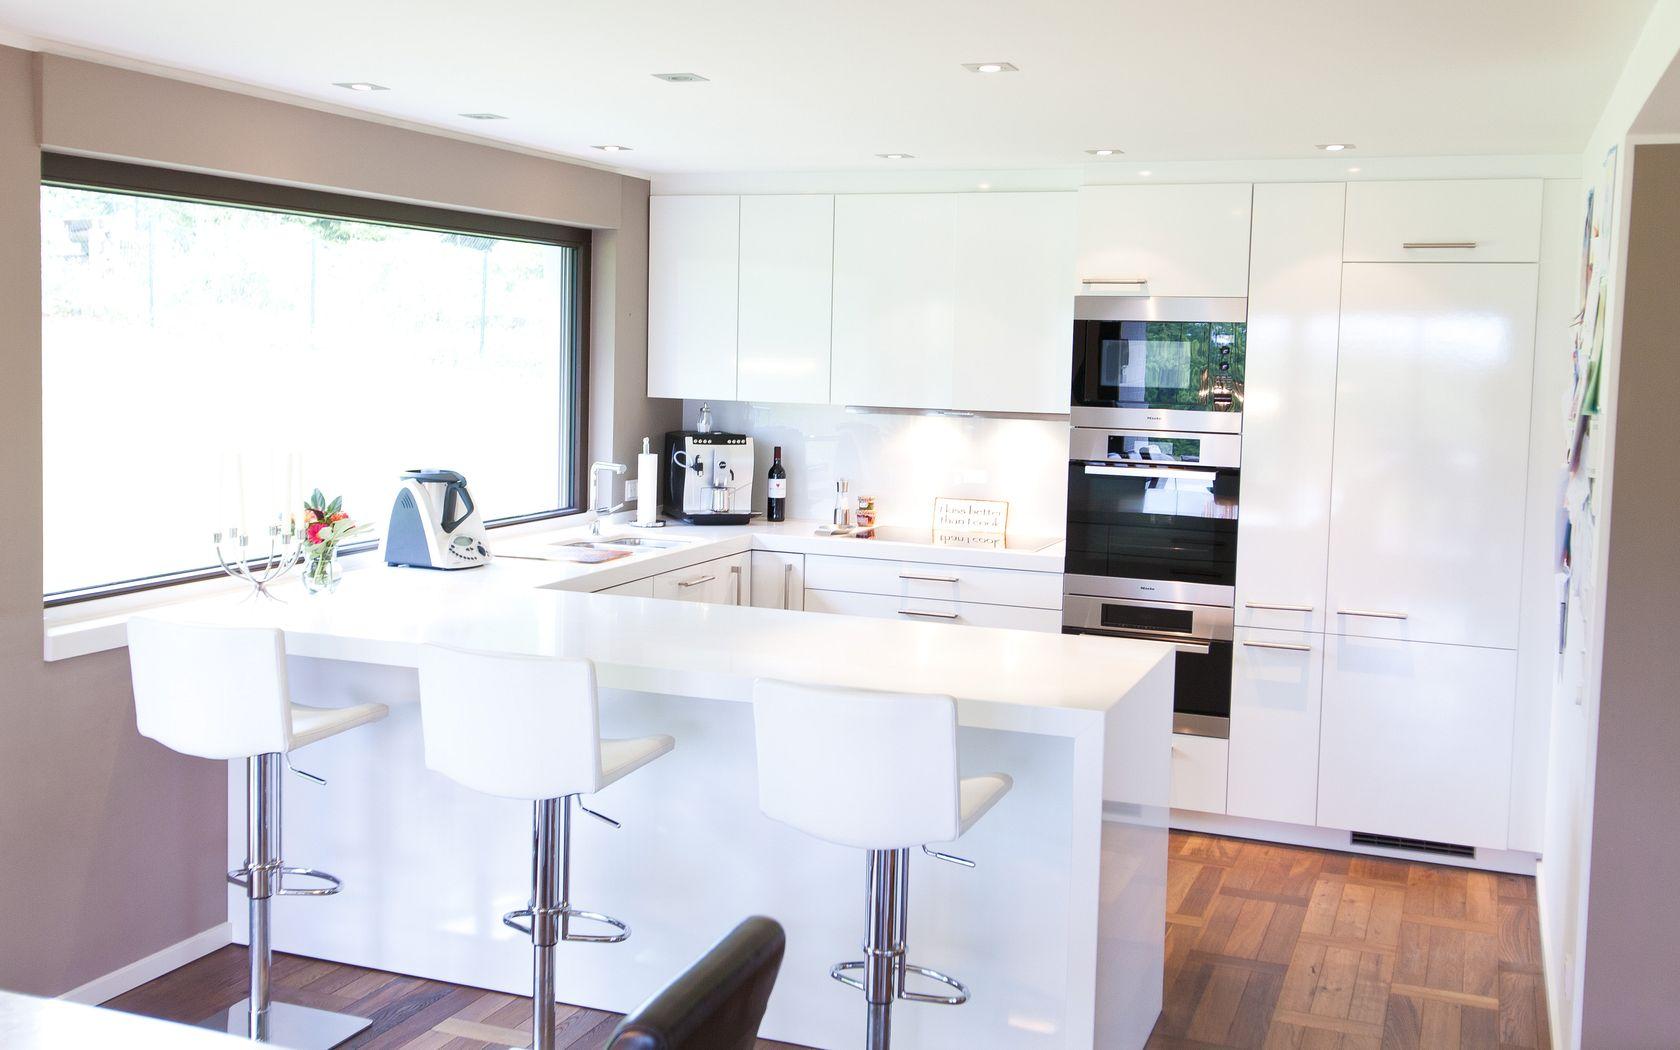 pin moderne hochglanz k chen in wei 20 traumk chen mit on. Black Bedroom Furniture Sets. Home Design Ideas